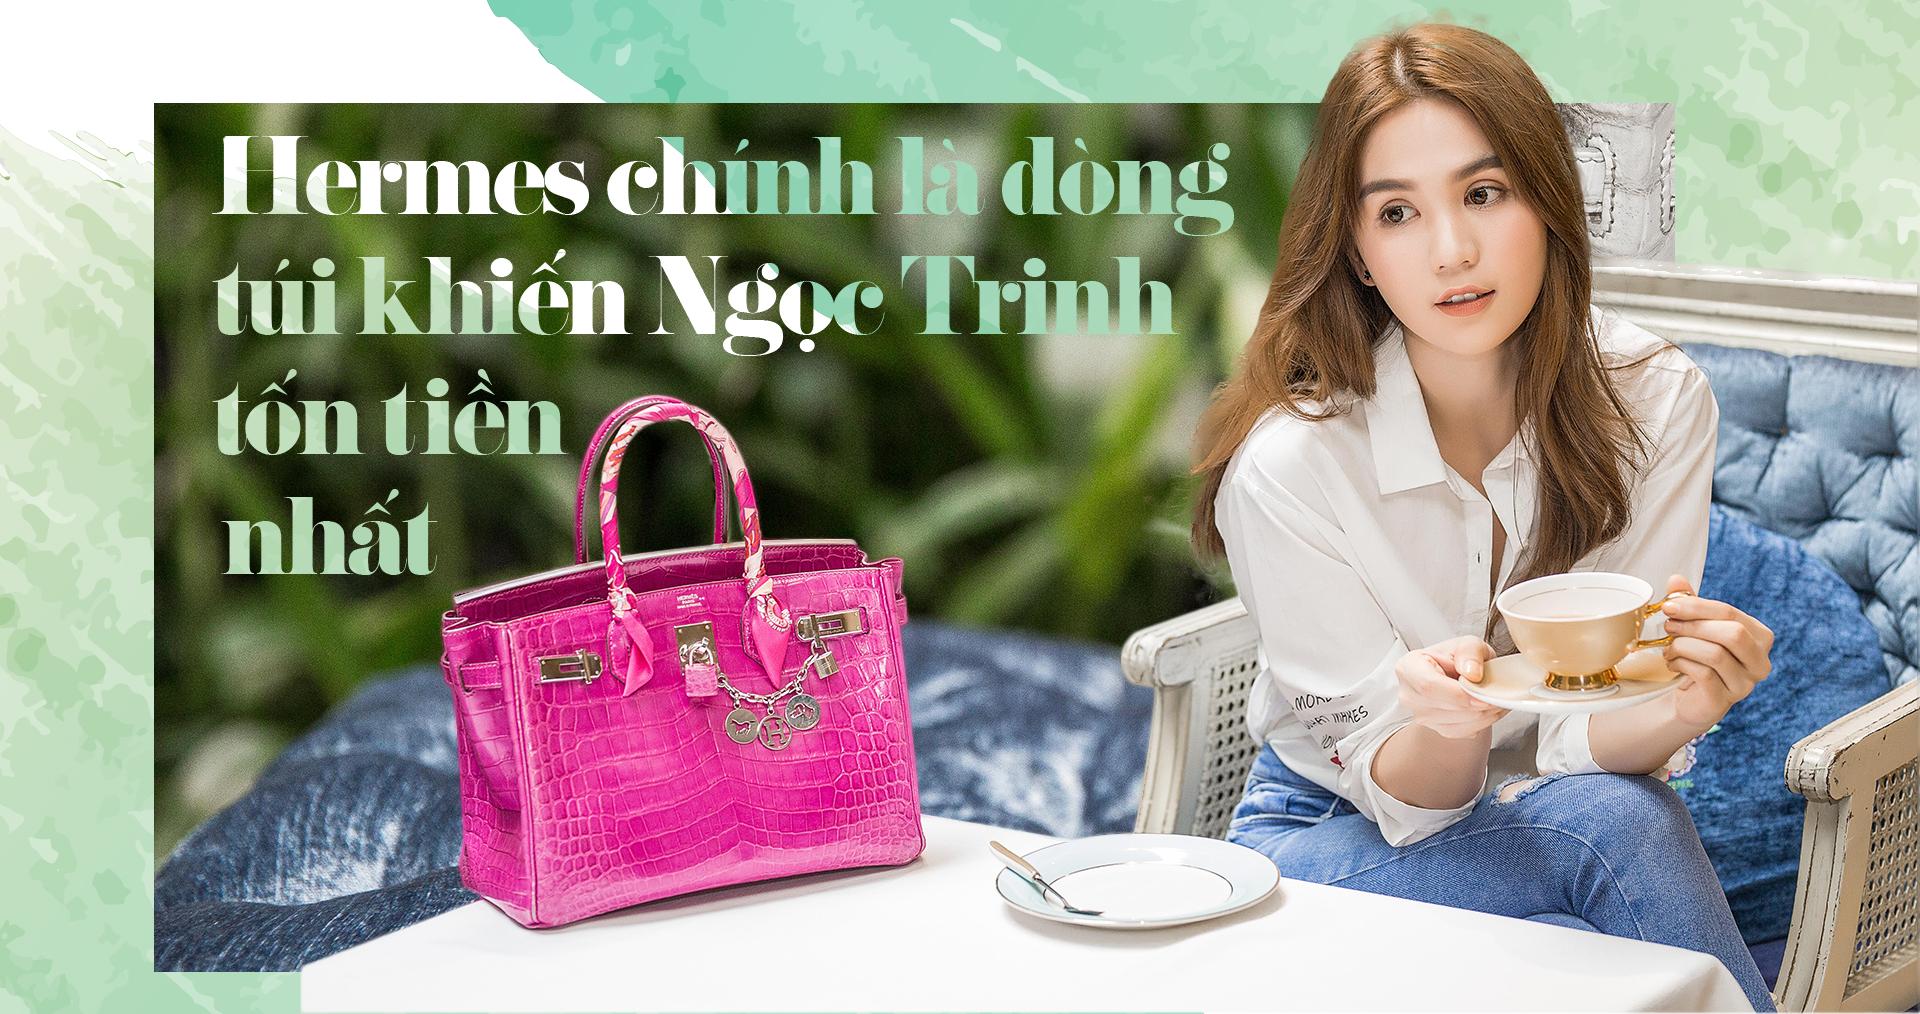 Ngọc Trinh: 'Khi tôi có điều kiện, tôi muốn mua dòng túi đắt nhất của thương hiệu đó'